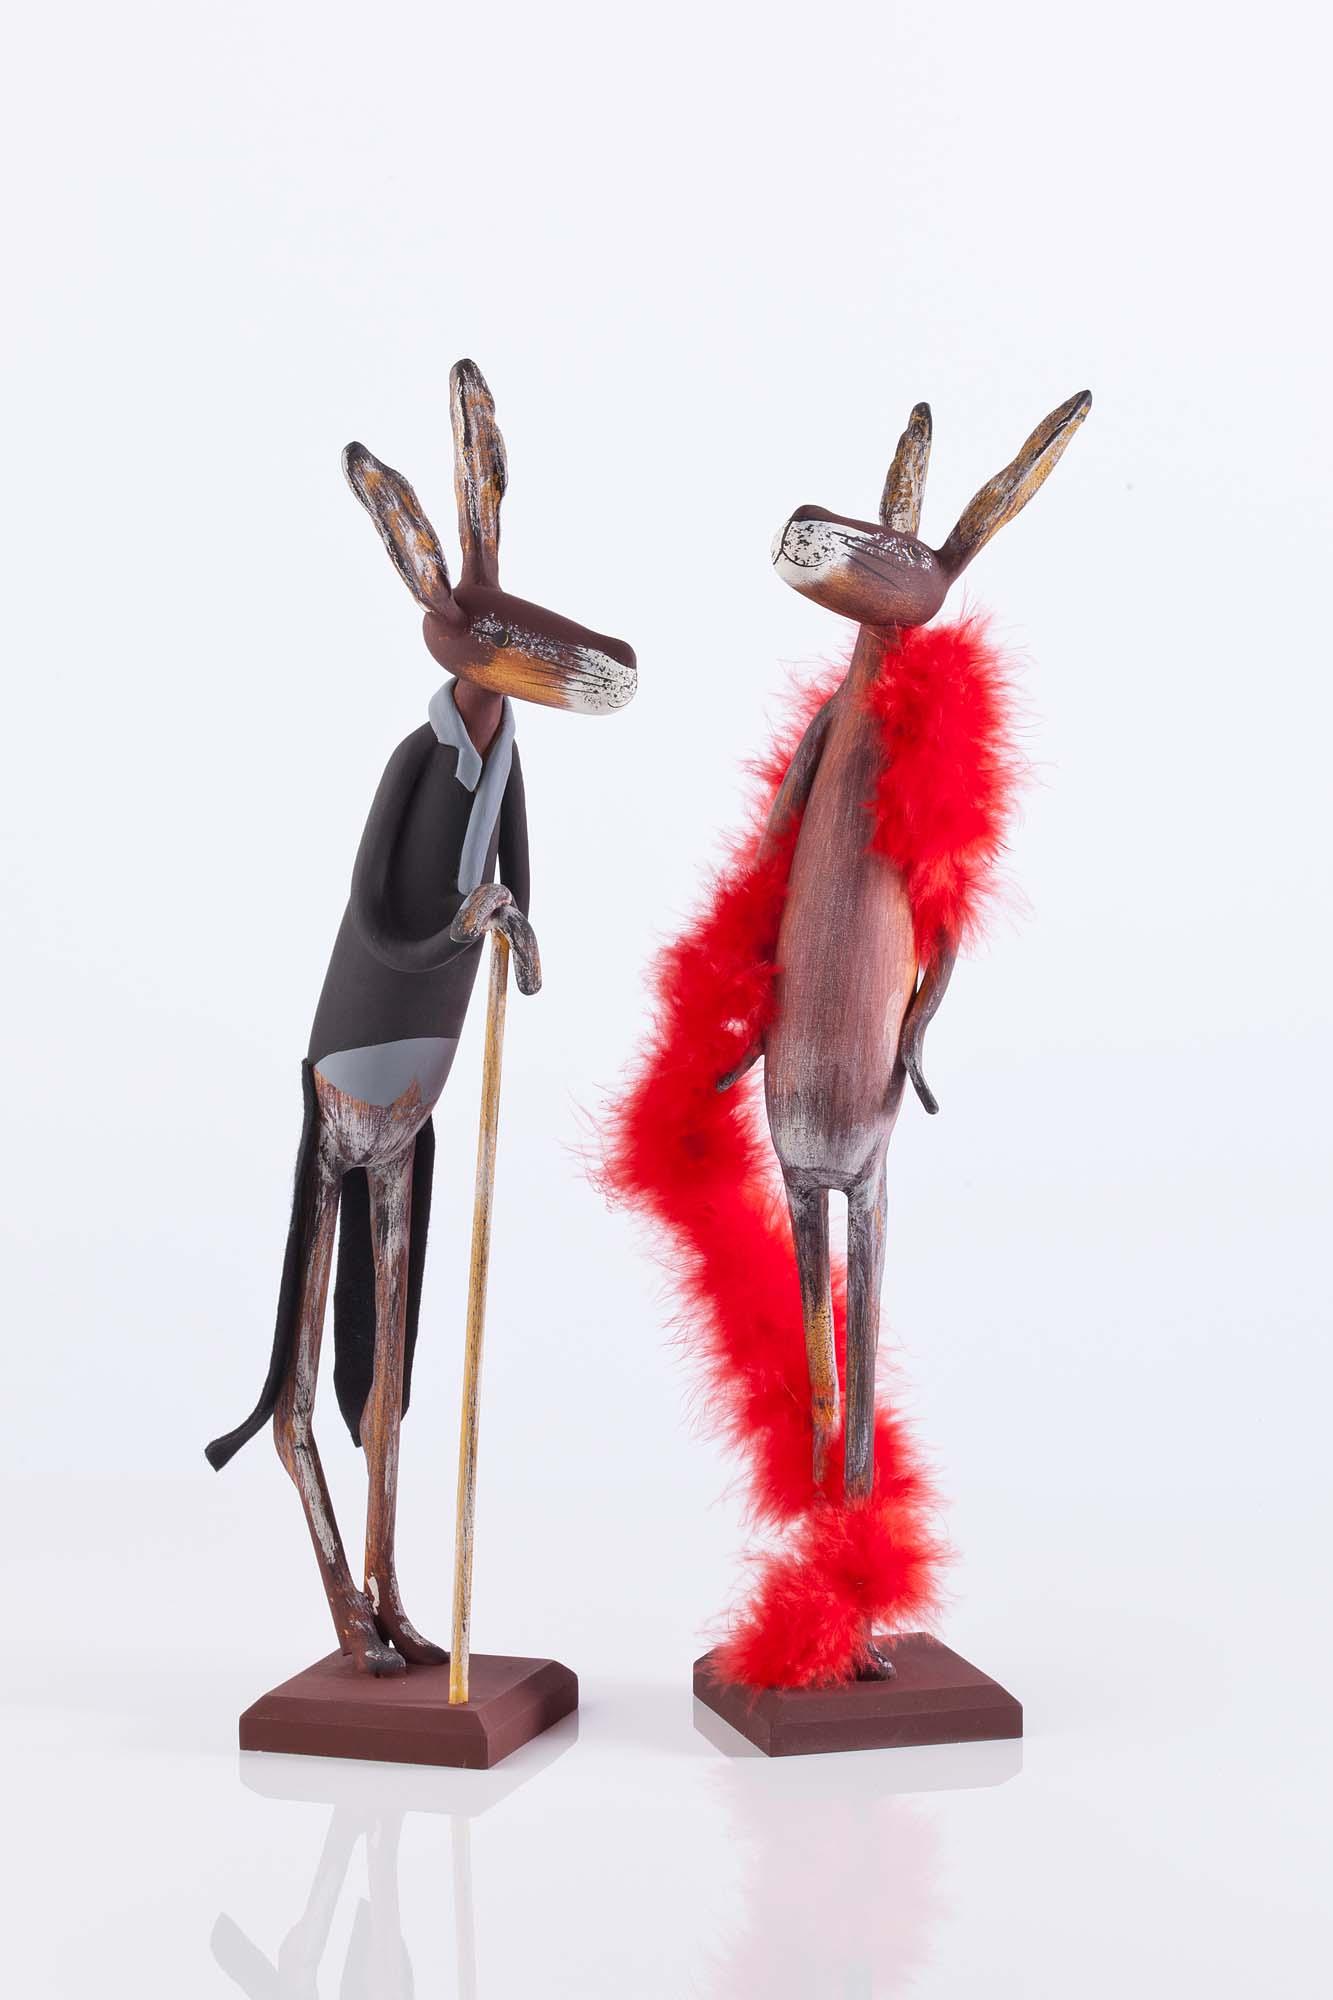 Herr und Frau Lampe ca. 40cm hoch